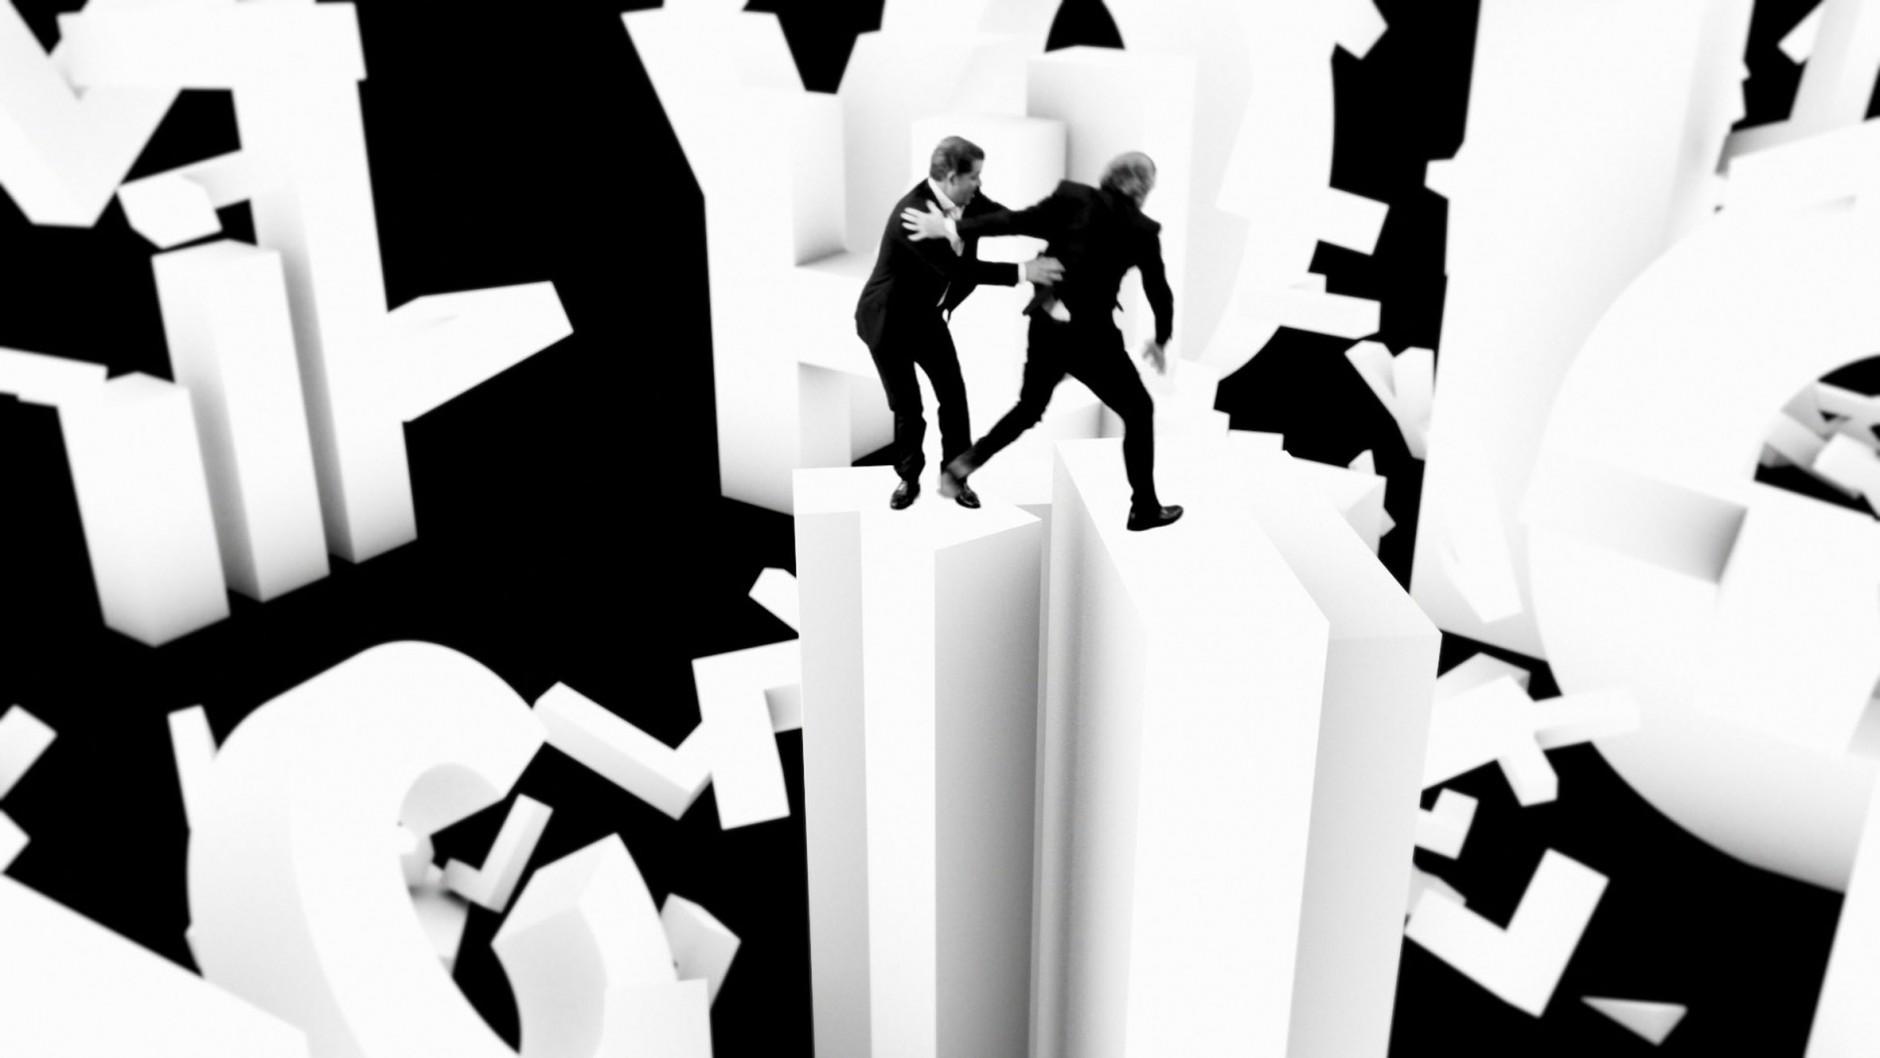 Bewegte Schrift | Kevin Blanc, Tiger Dust, Musikvideo für Yello, 2009 © Yello